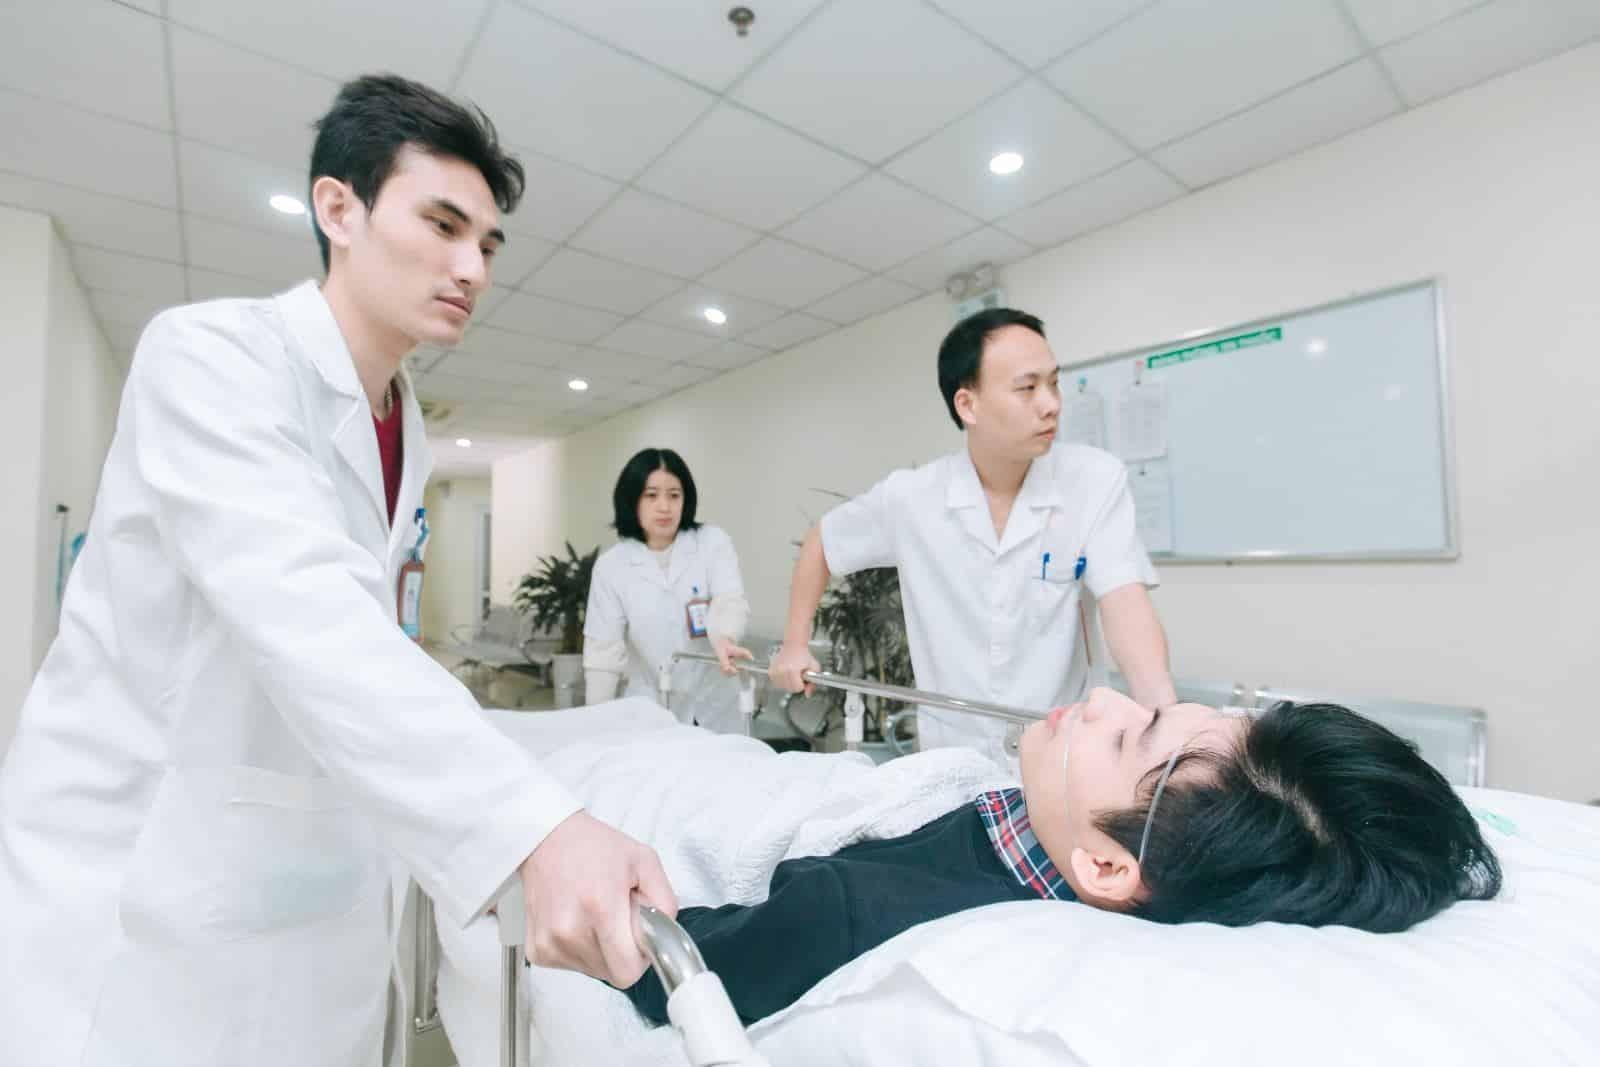 Nếu bệnh nhân bị hôn mê nhưng nhà không có sẵn bút tiêm glucagon, bạn nên gọi cấp cứu